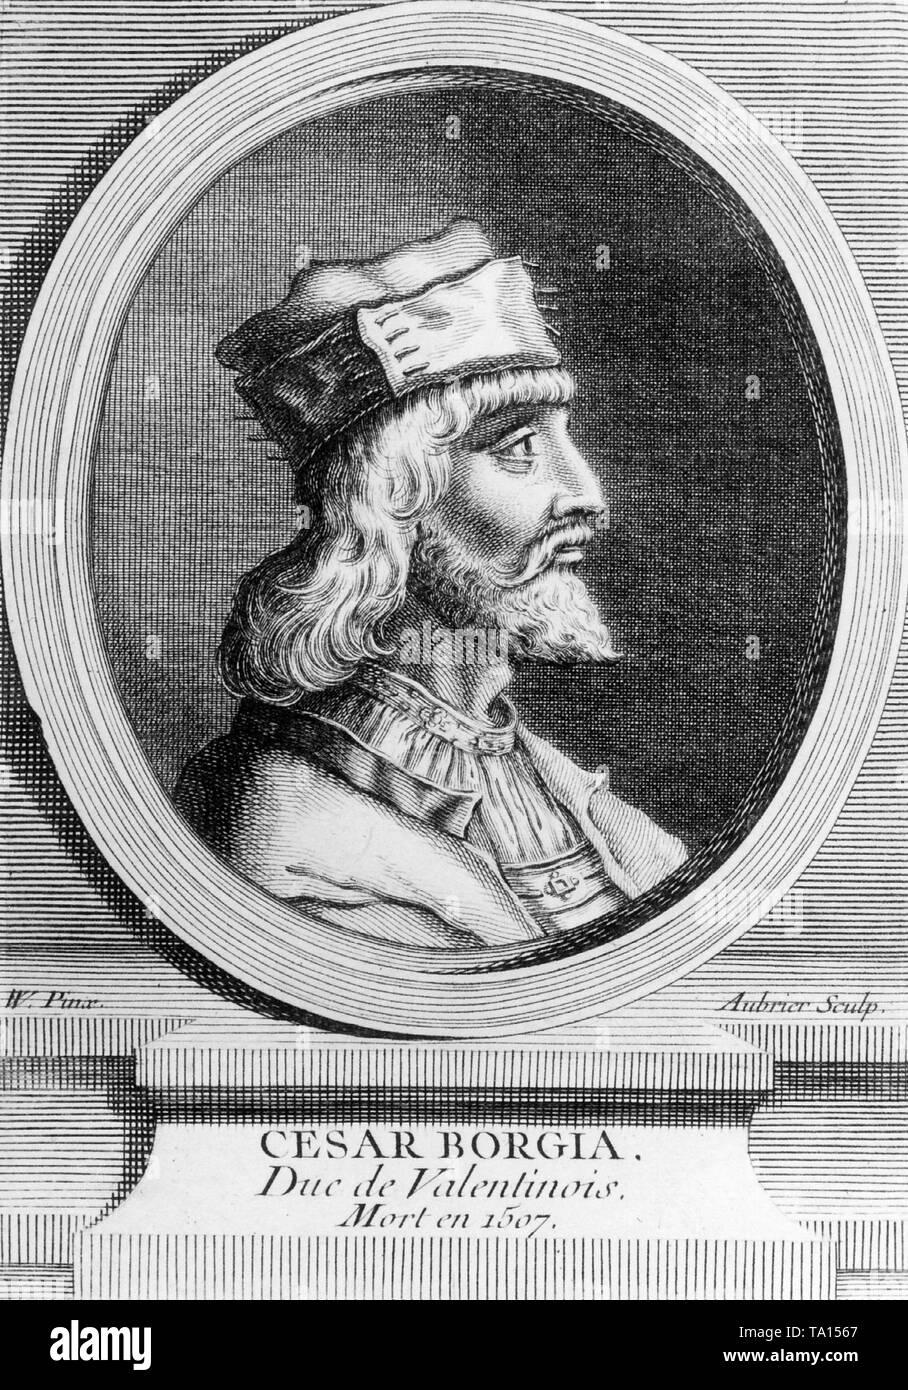 Profile portrait of Cesare Borgia, illegitimate son of Pope Alexander VI, circa 1500 - Stock Image